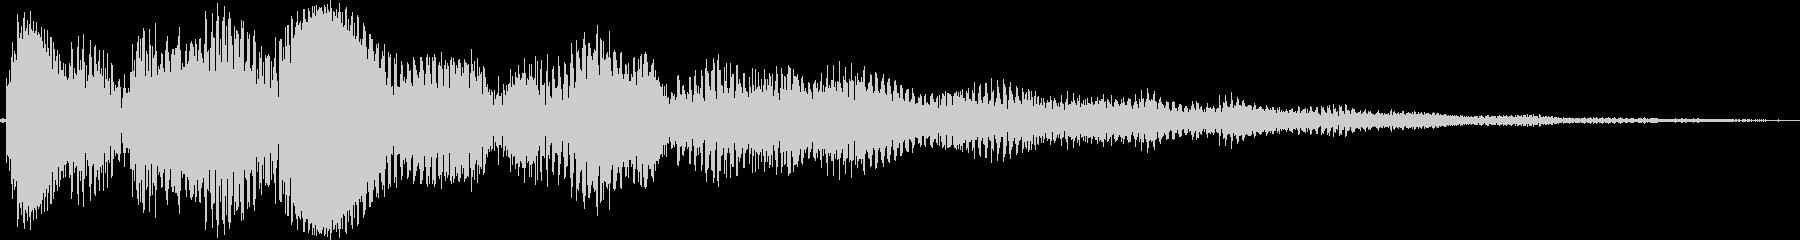 ピララーン(タイトル、上がる、表示)の未再生の波形